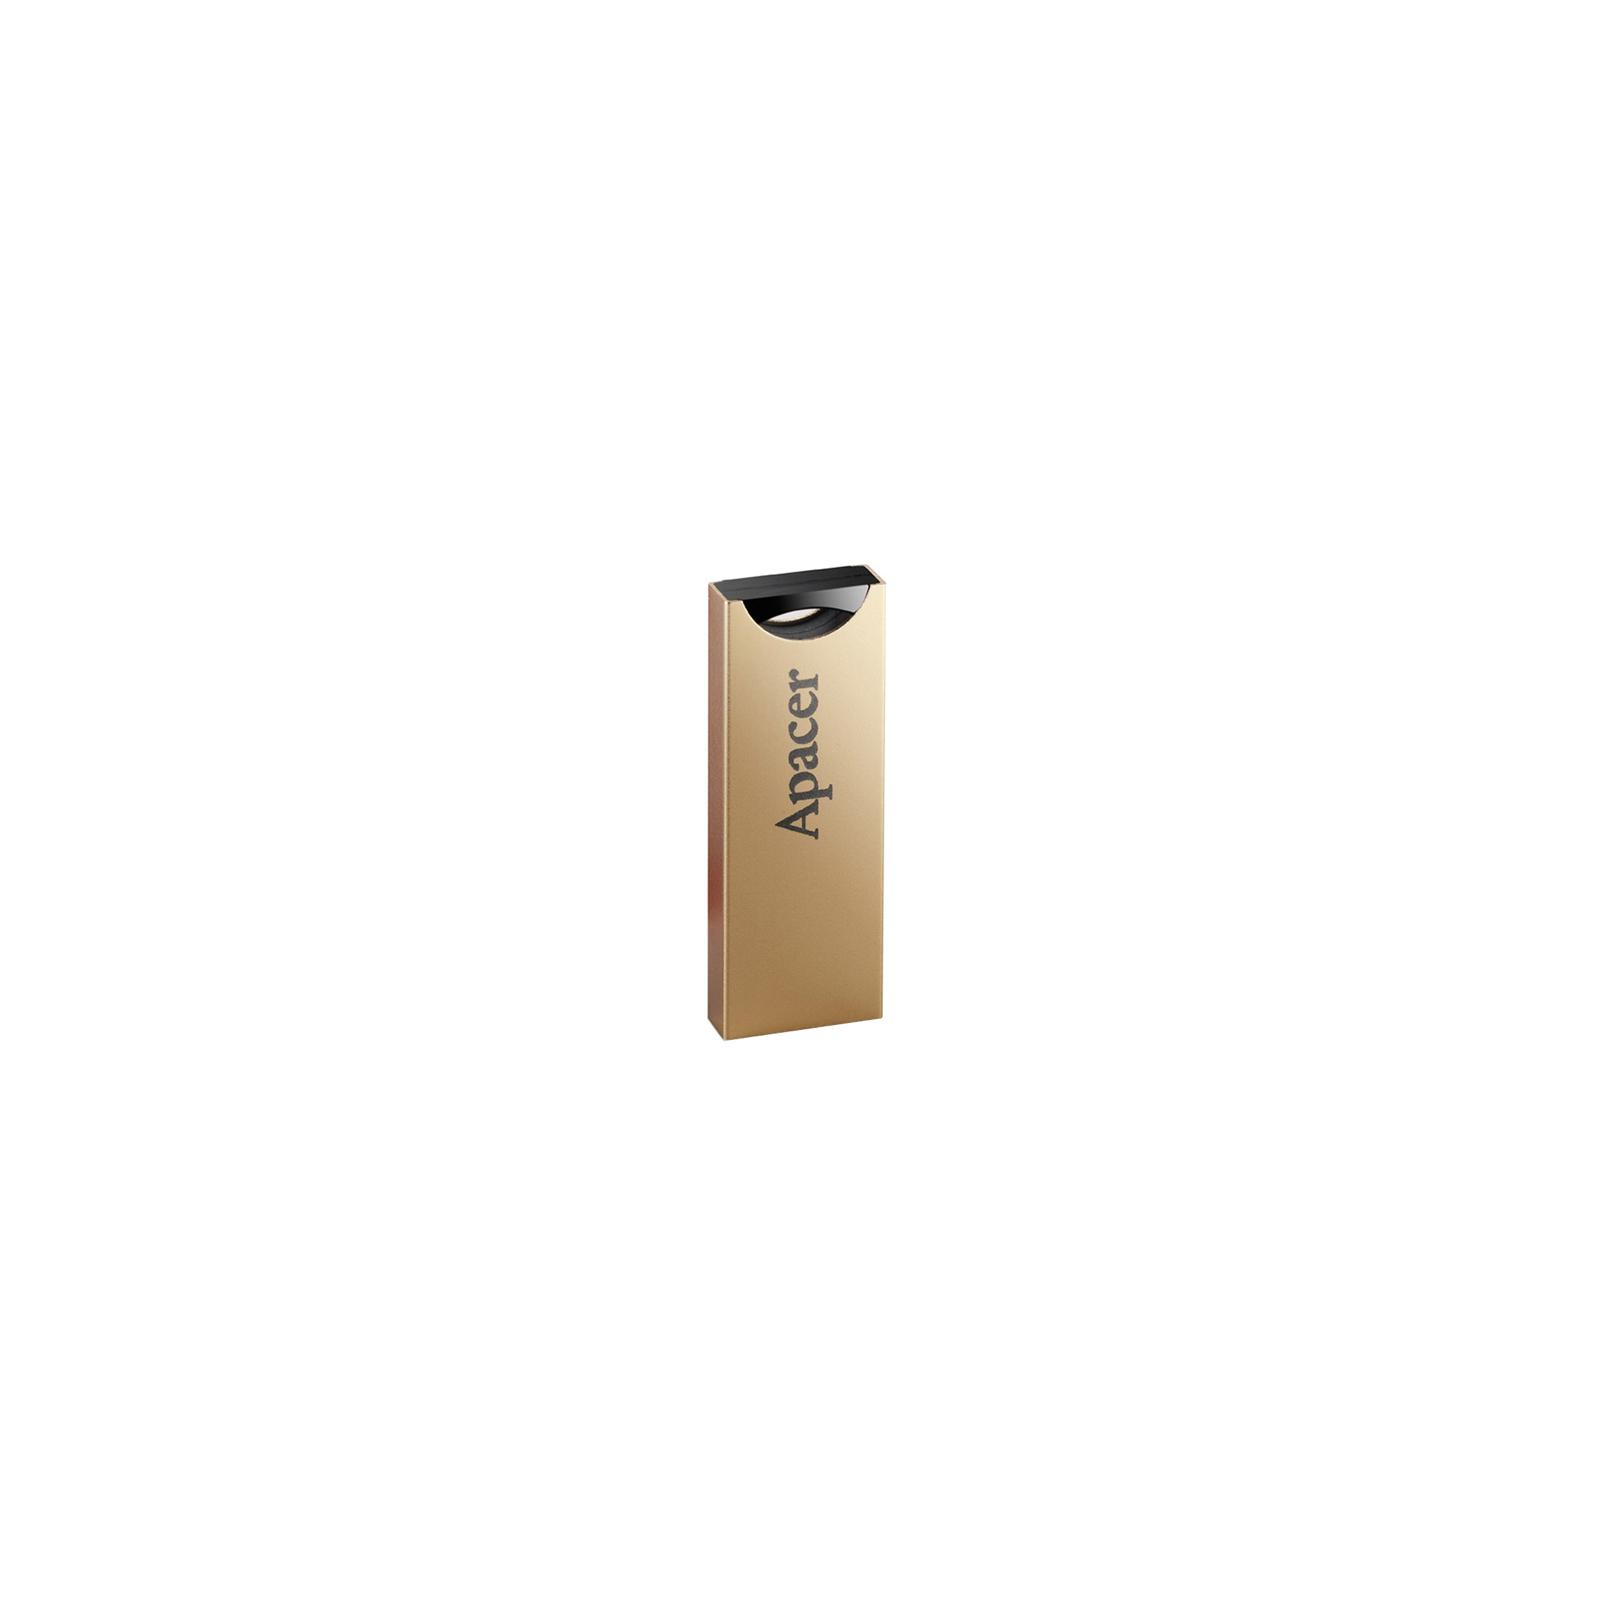 USB флеш накопитель 16GB AH133 Champagne Gold RP USB2.0 Apacer (AP16GAH133C-1) изображение 2